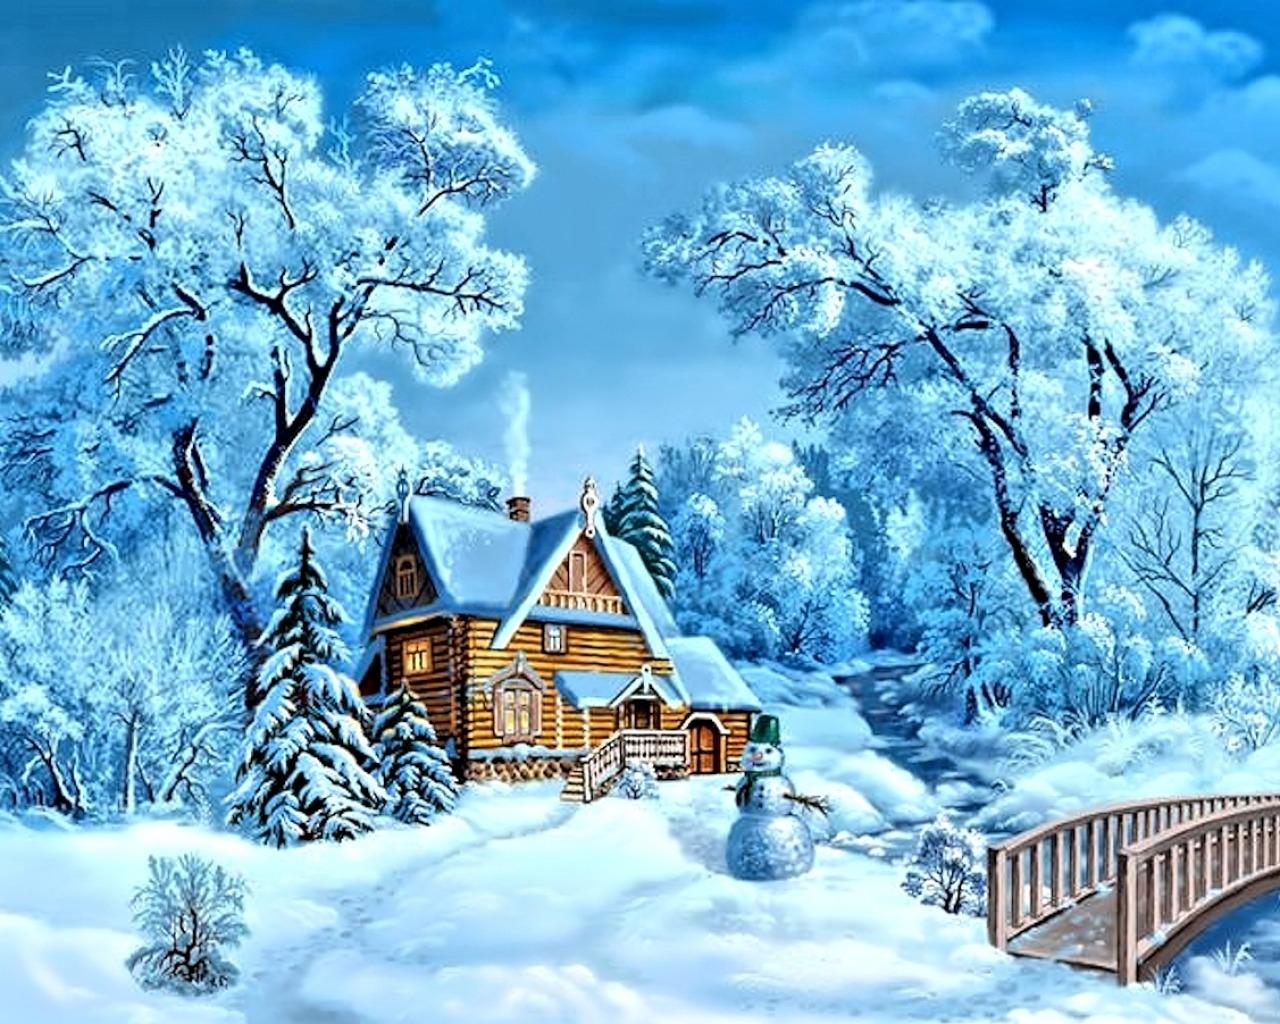 Обои на рабочий стол зима и новый год (2)